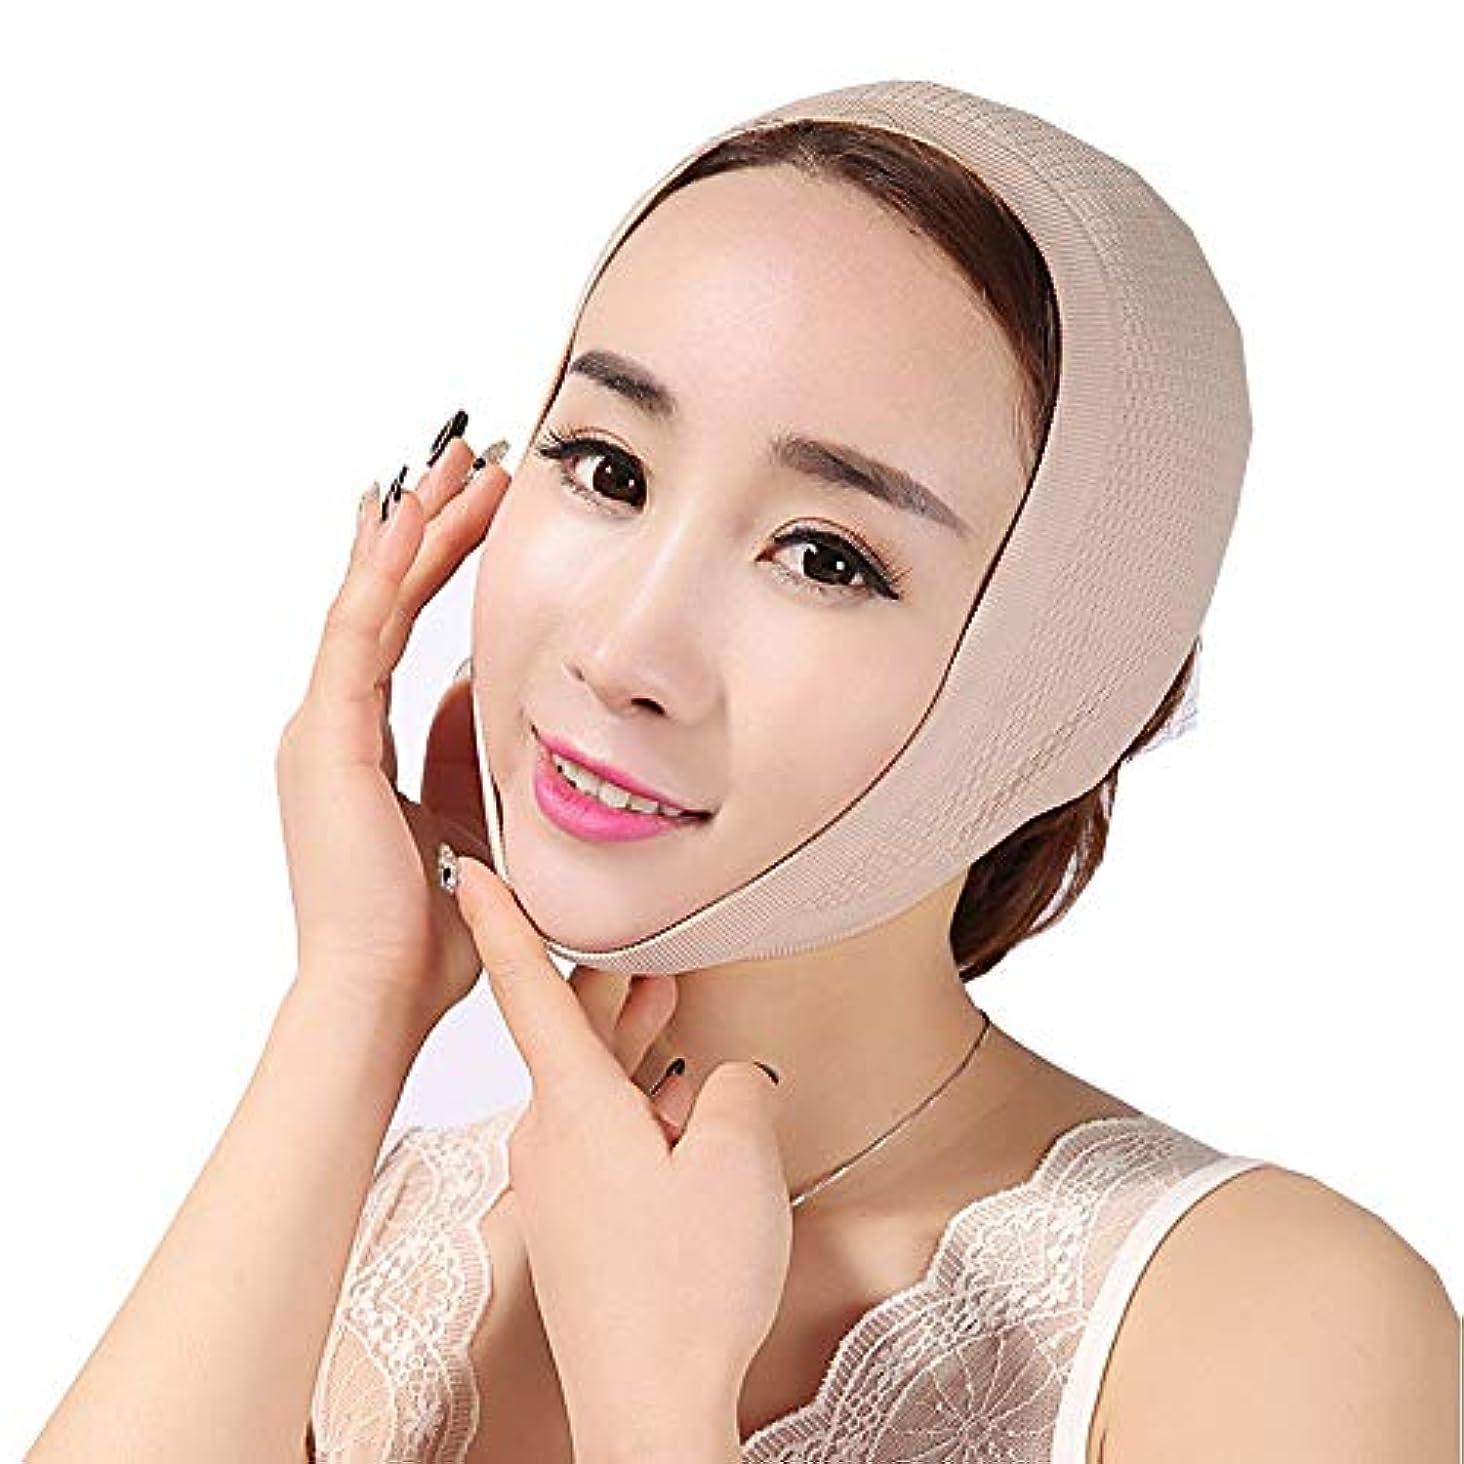 ディスク祭りマニュアルGYZ フェイスマスクで眠る薄い顔フェイスリフトフェイスリフトアーティファクトスモールフェイスVフェイスリフト付きフェイスフェイス包帯引き上げジョーセット Thin Face Belt